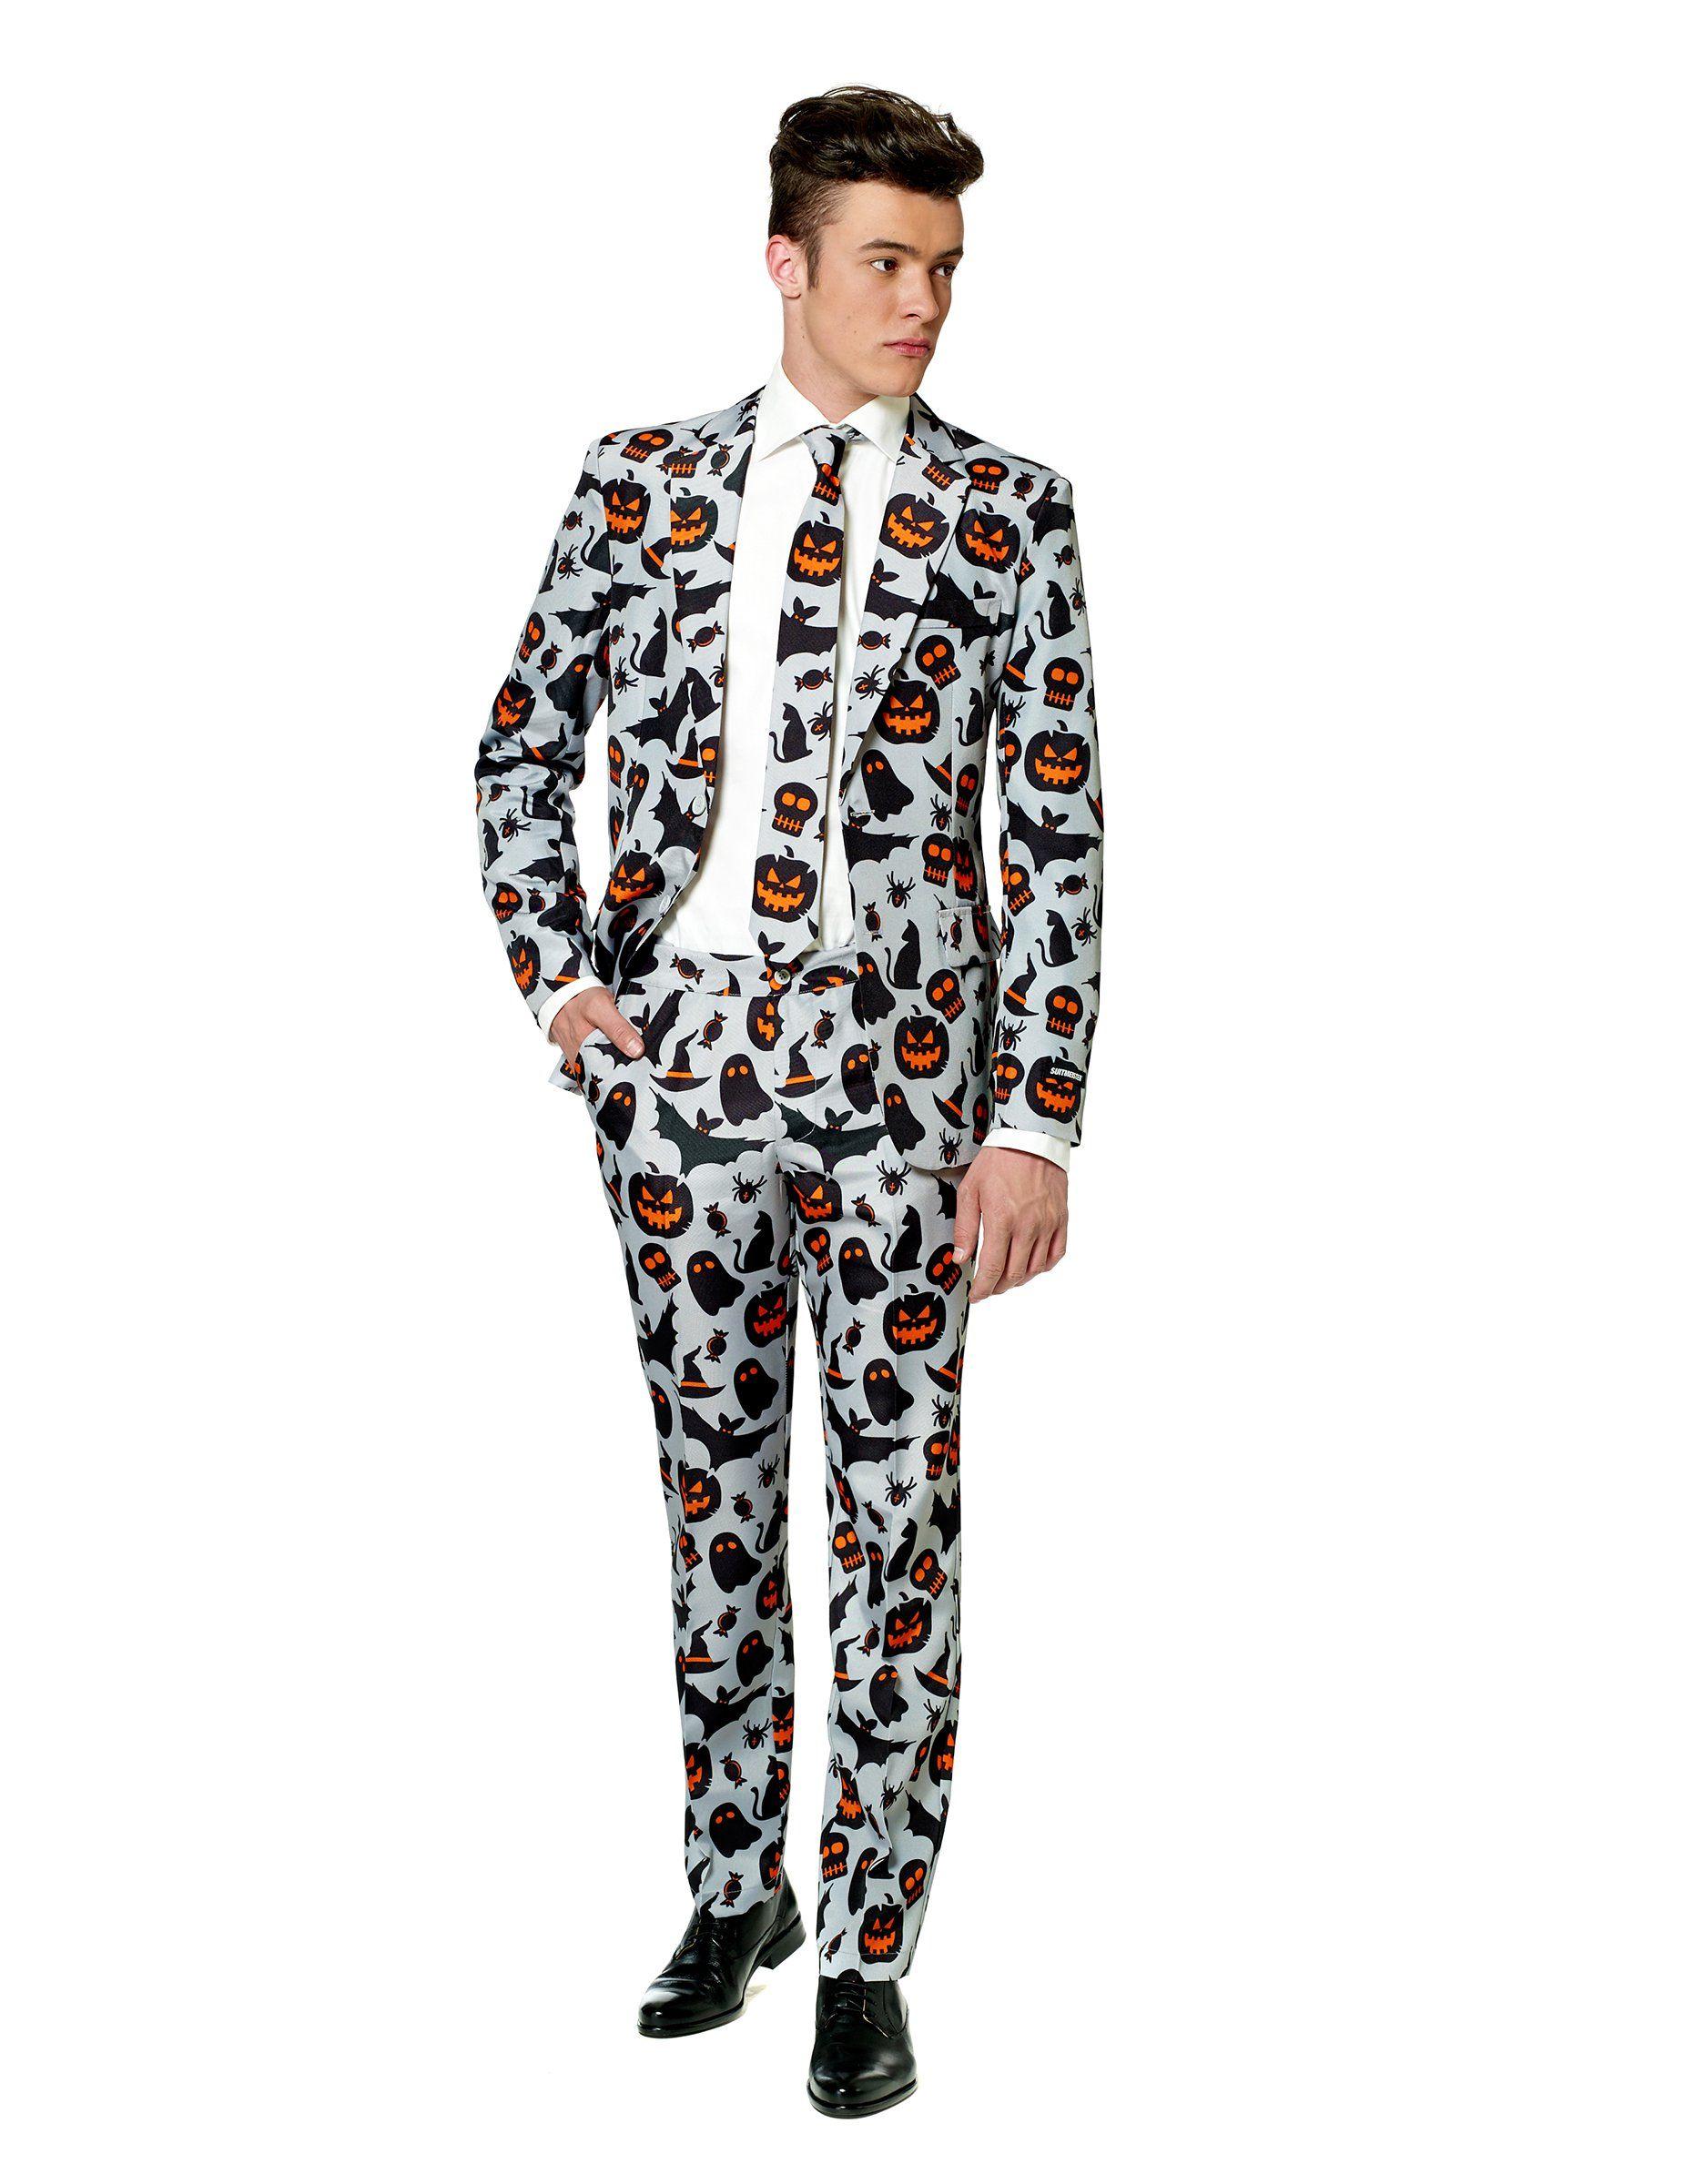 Originales Baratos, Disfraces Originales, Disfraces Adultos, Chaqueta, Traje, Hombre, Calabazas Halloween, Pajama, Pyjama